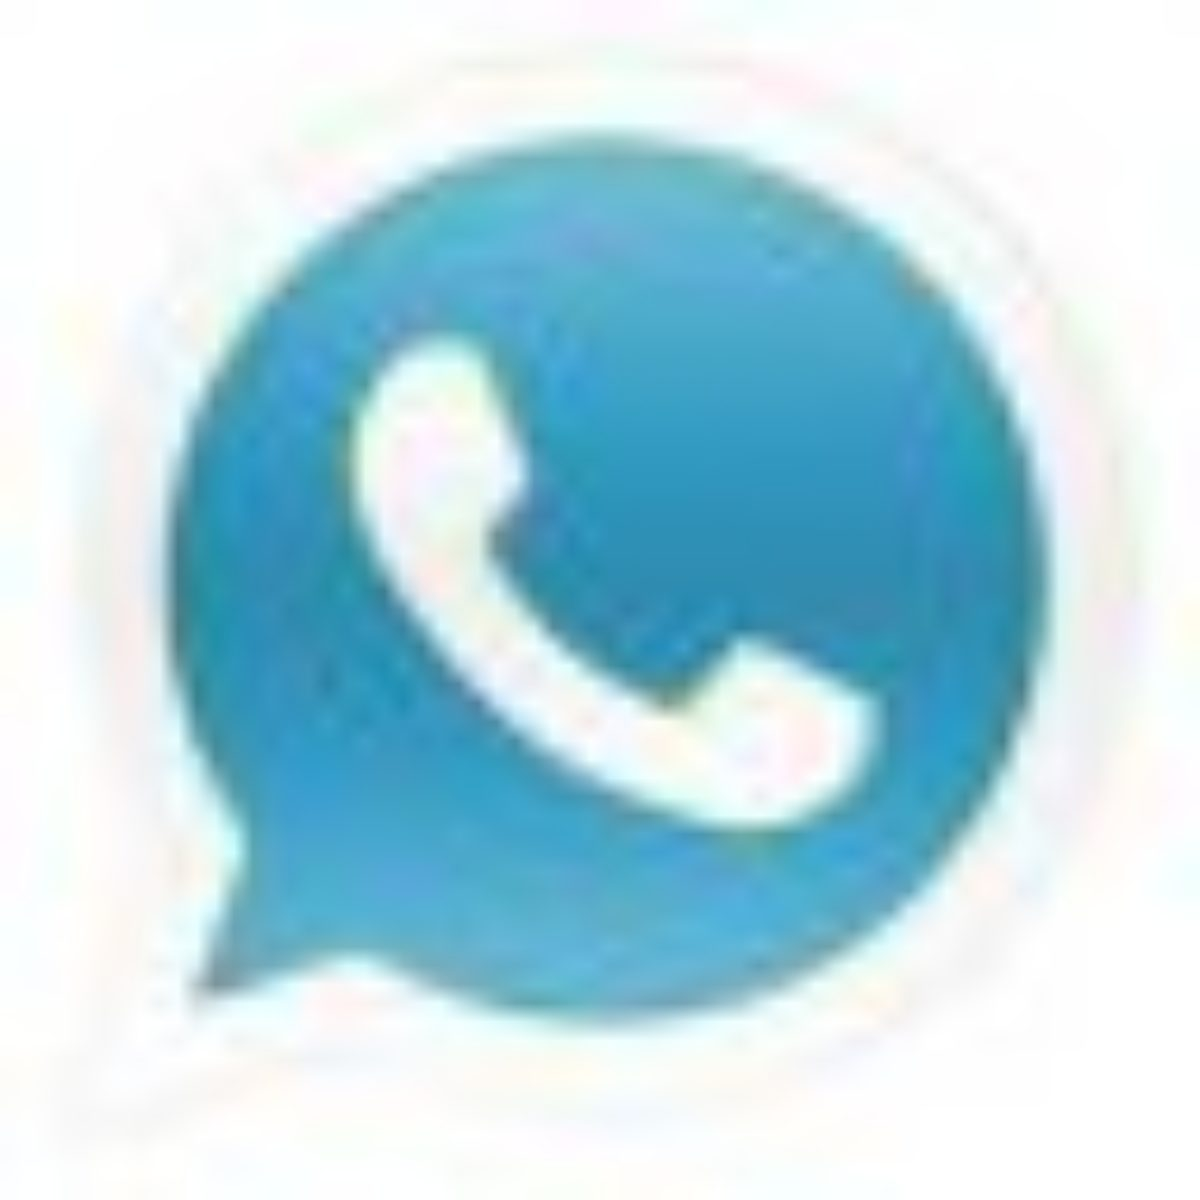 Whatsapp Plus Apk 110.110.10 für Android - Herunterladen